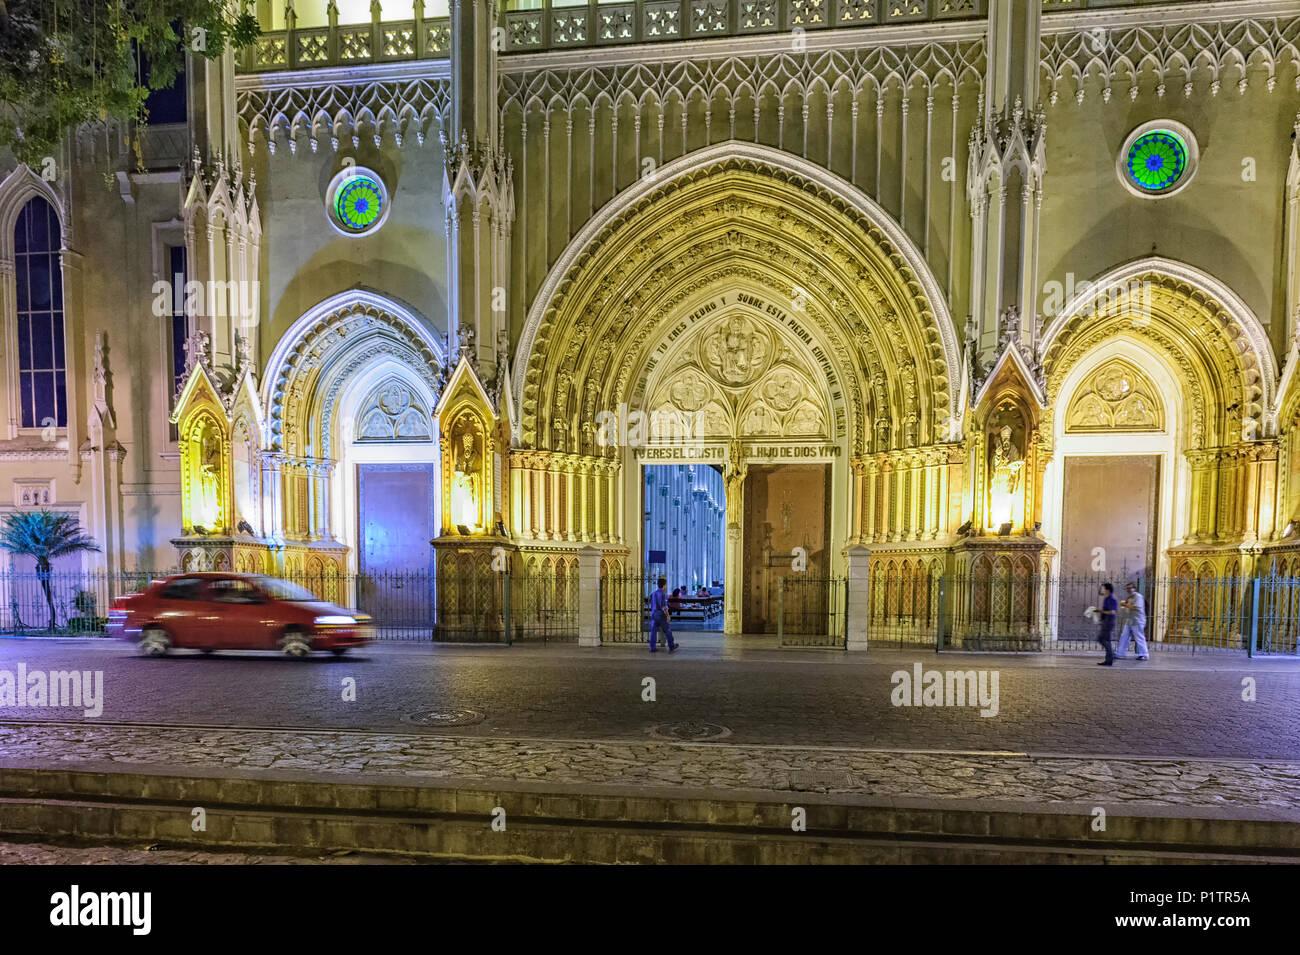 Cathédrale Métropolitaine de Guayaquil, Équateur Photo Stock